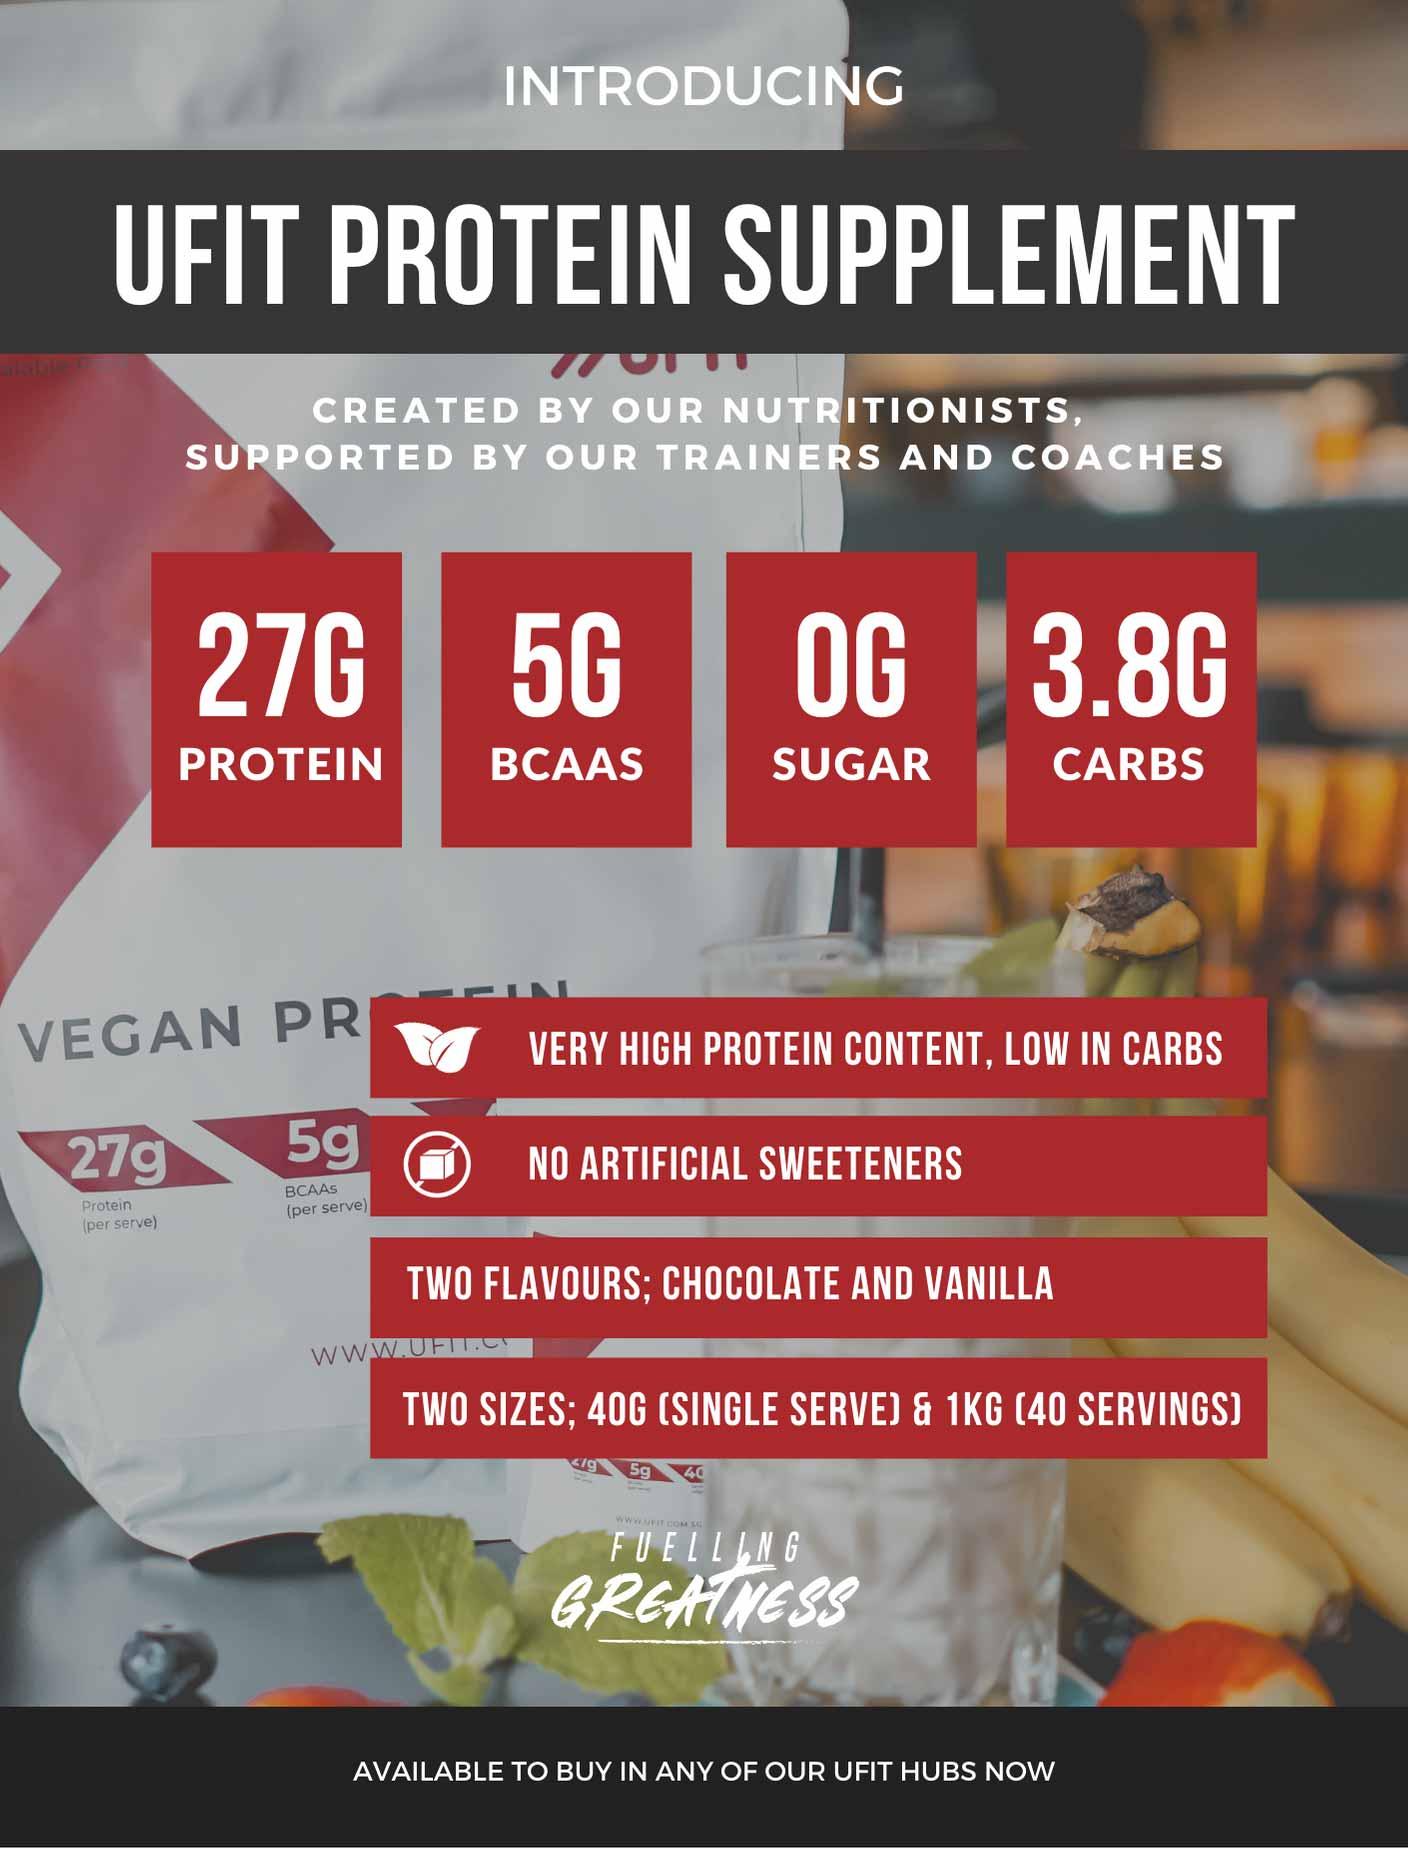 UFIT Protein Powder